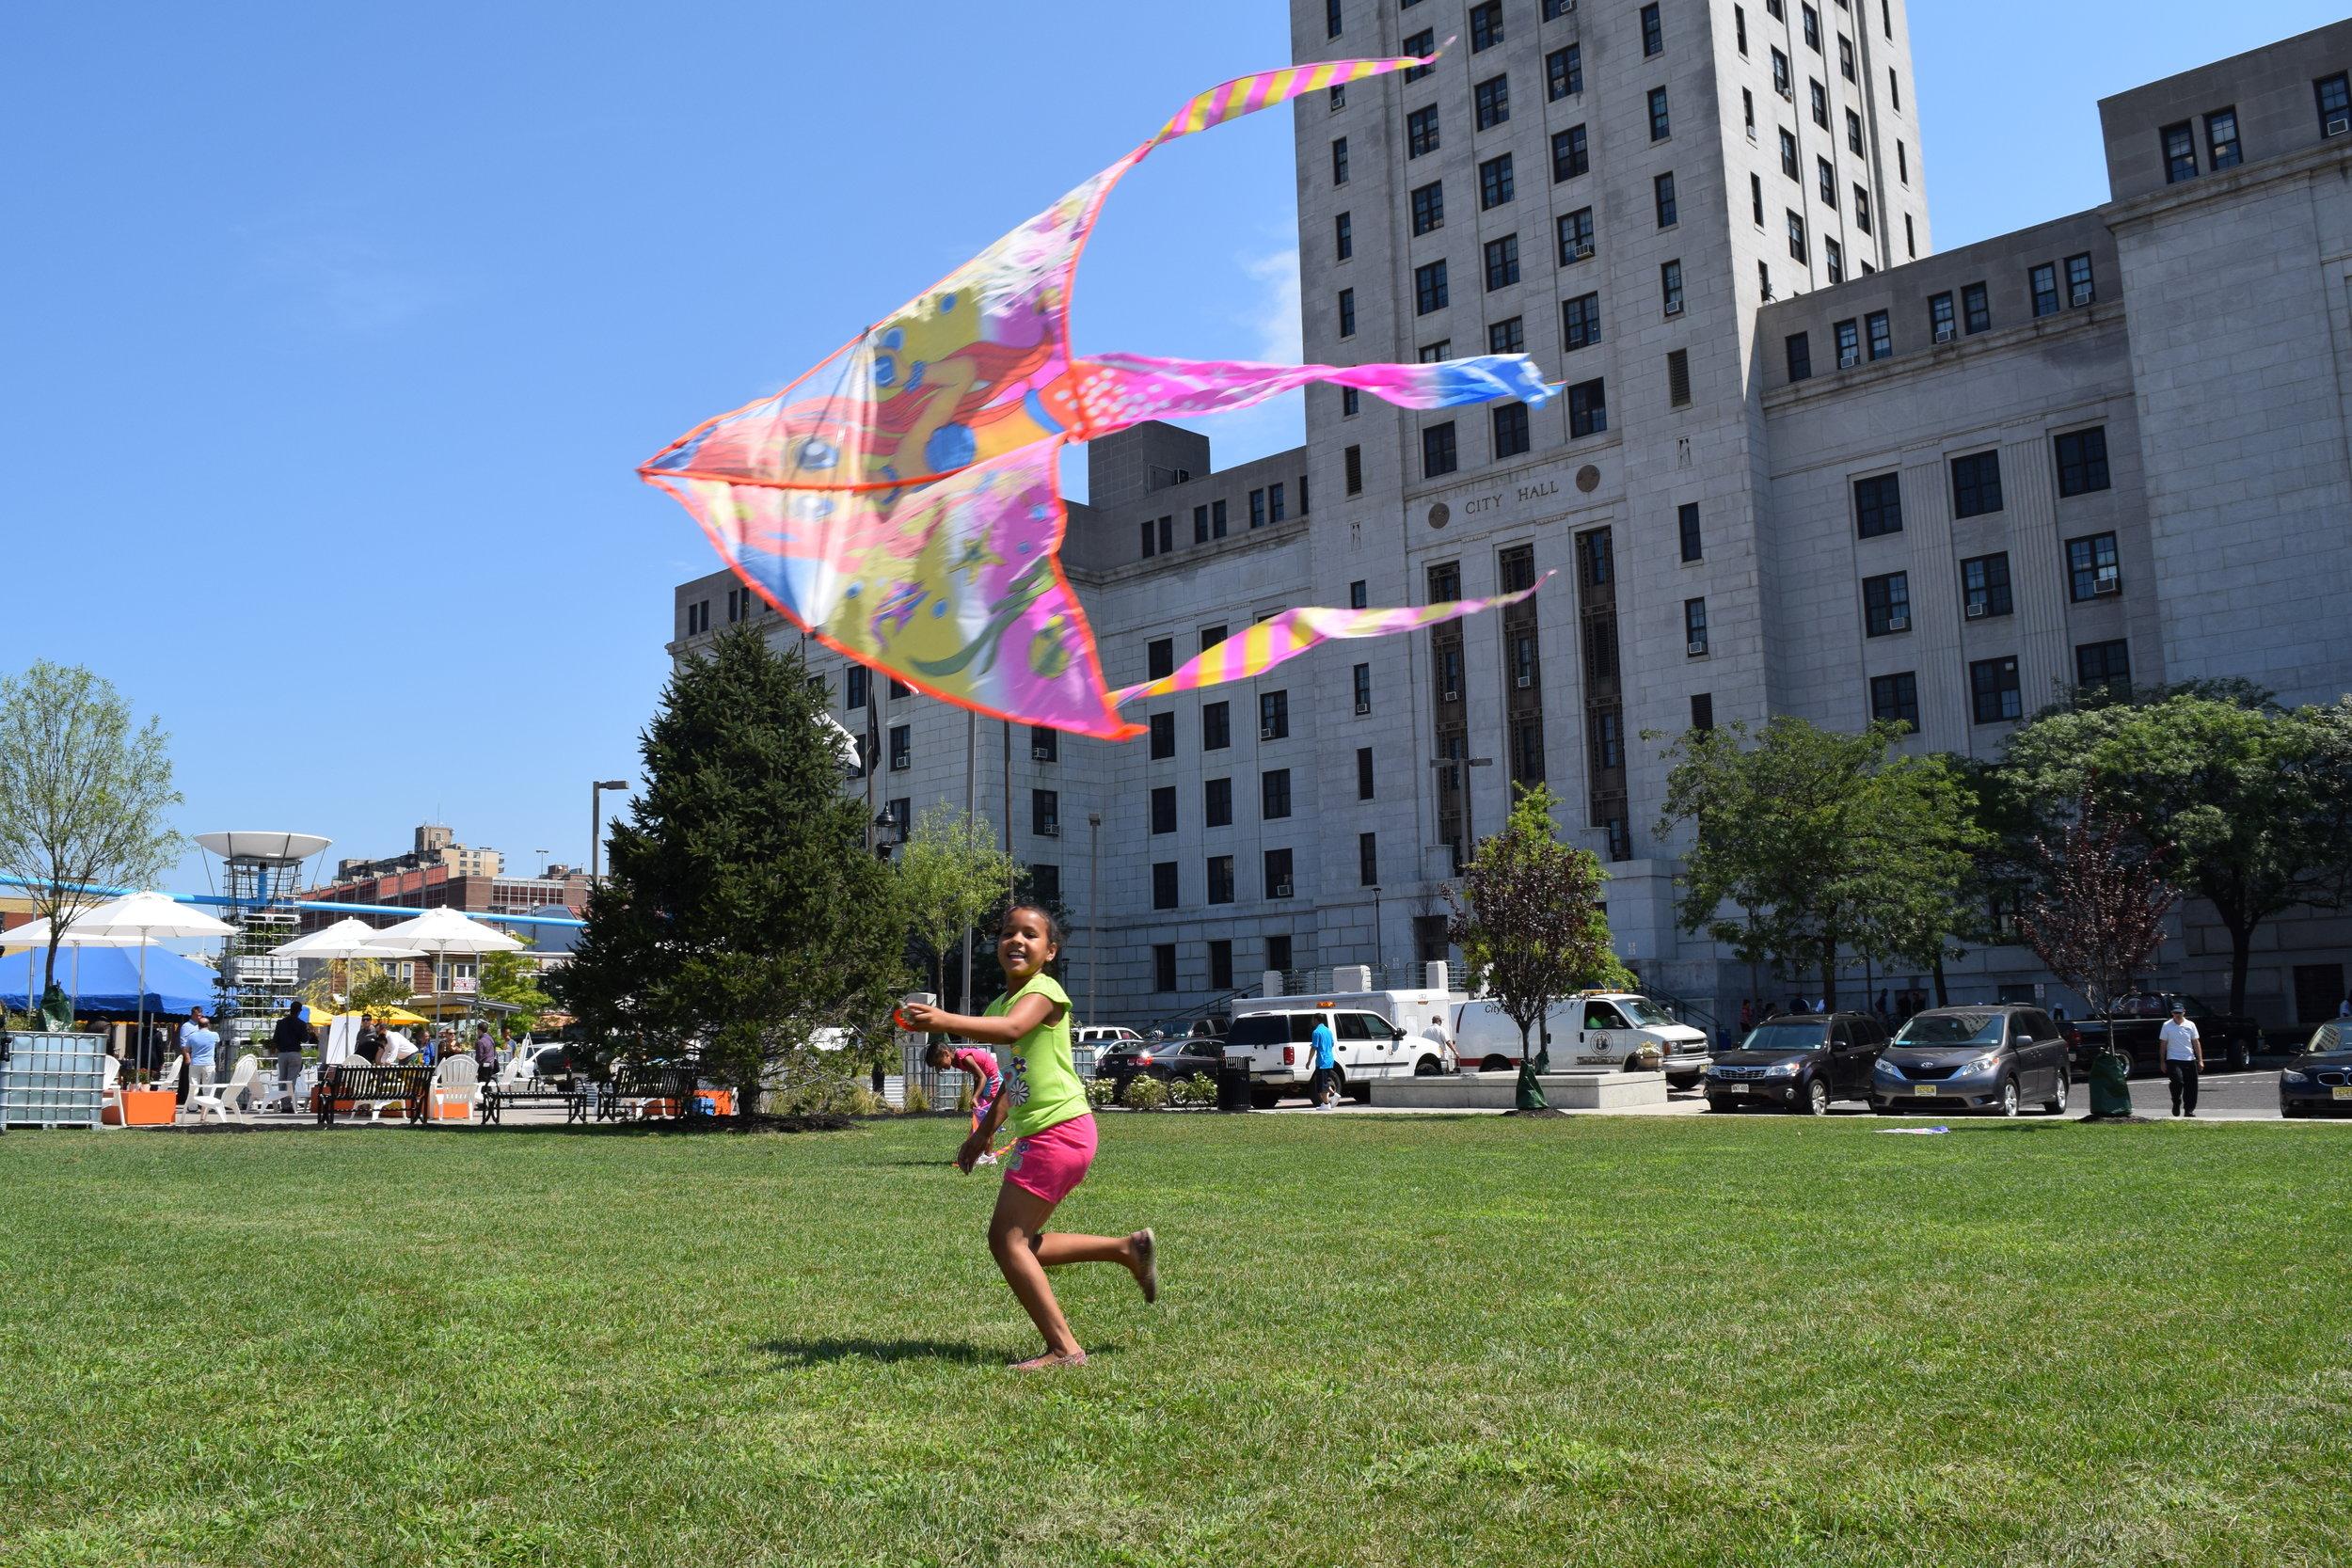 kites 1.jpg